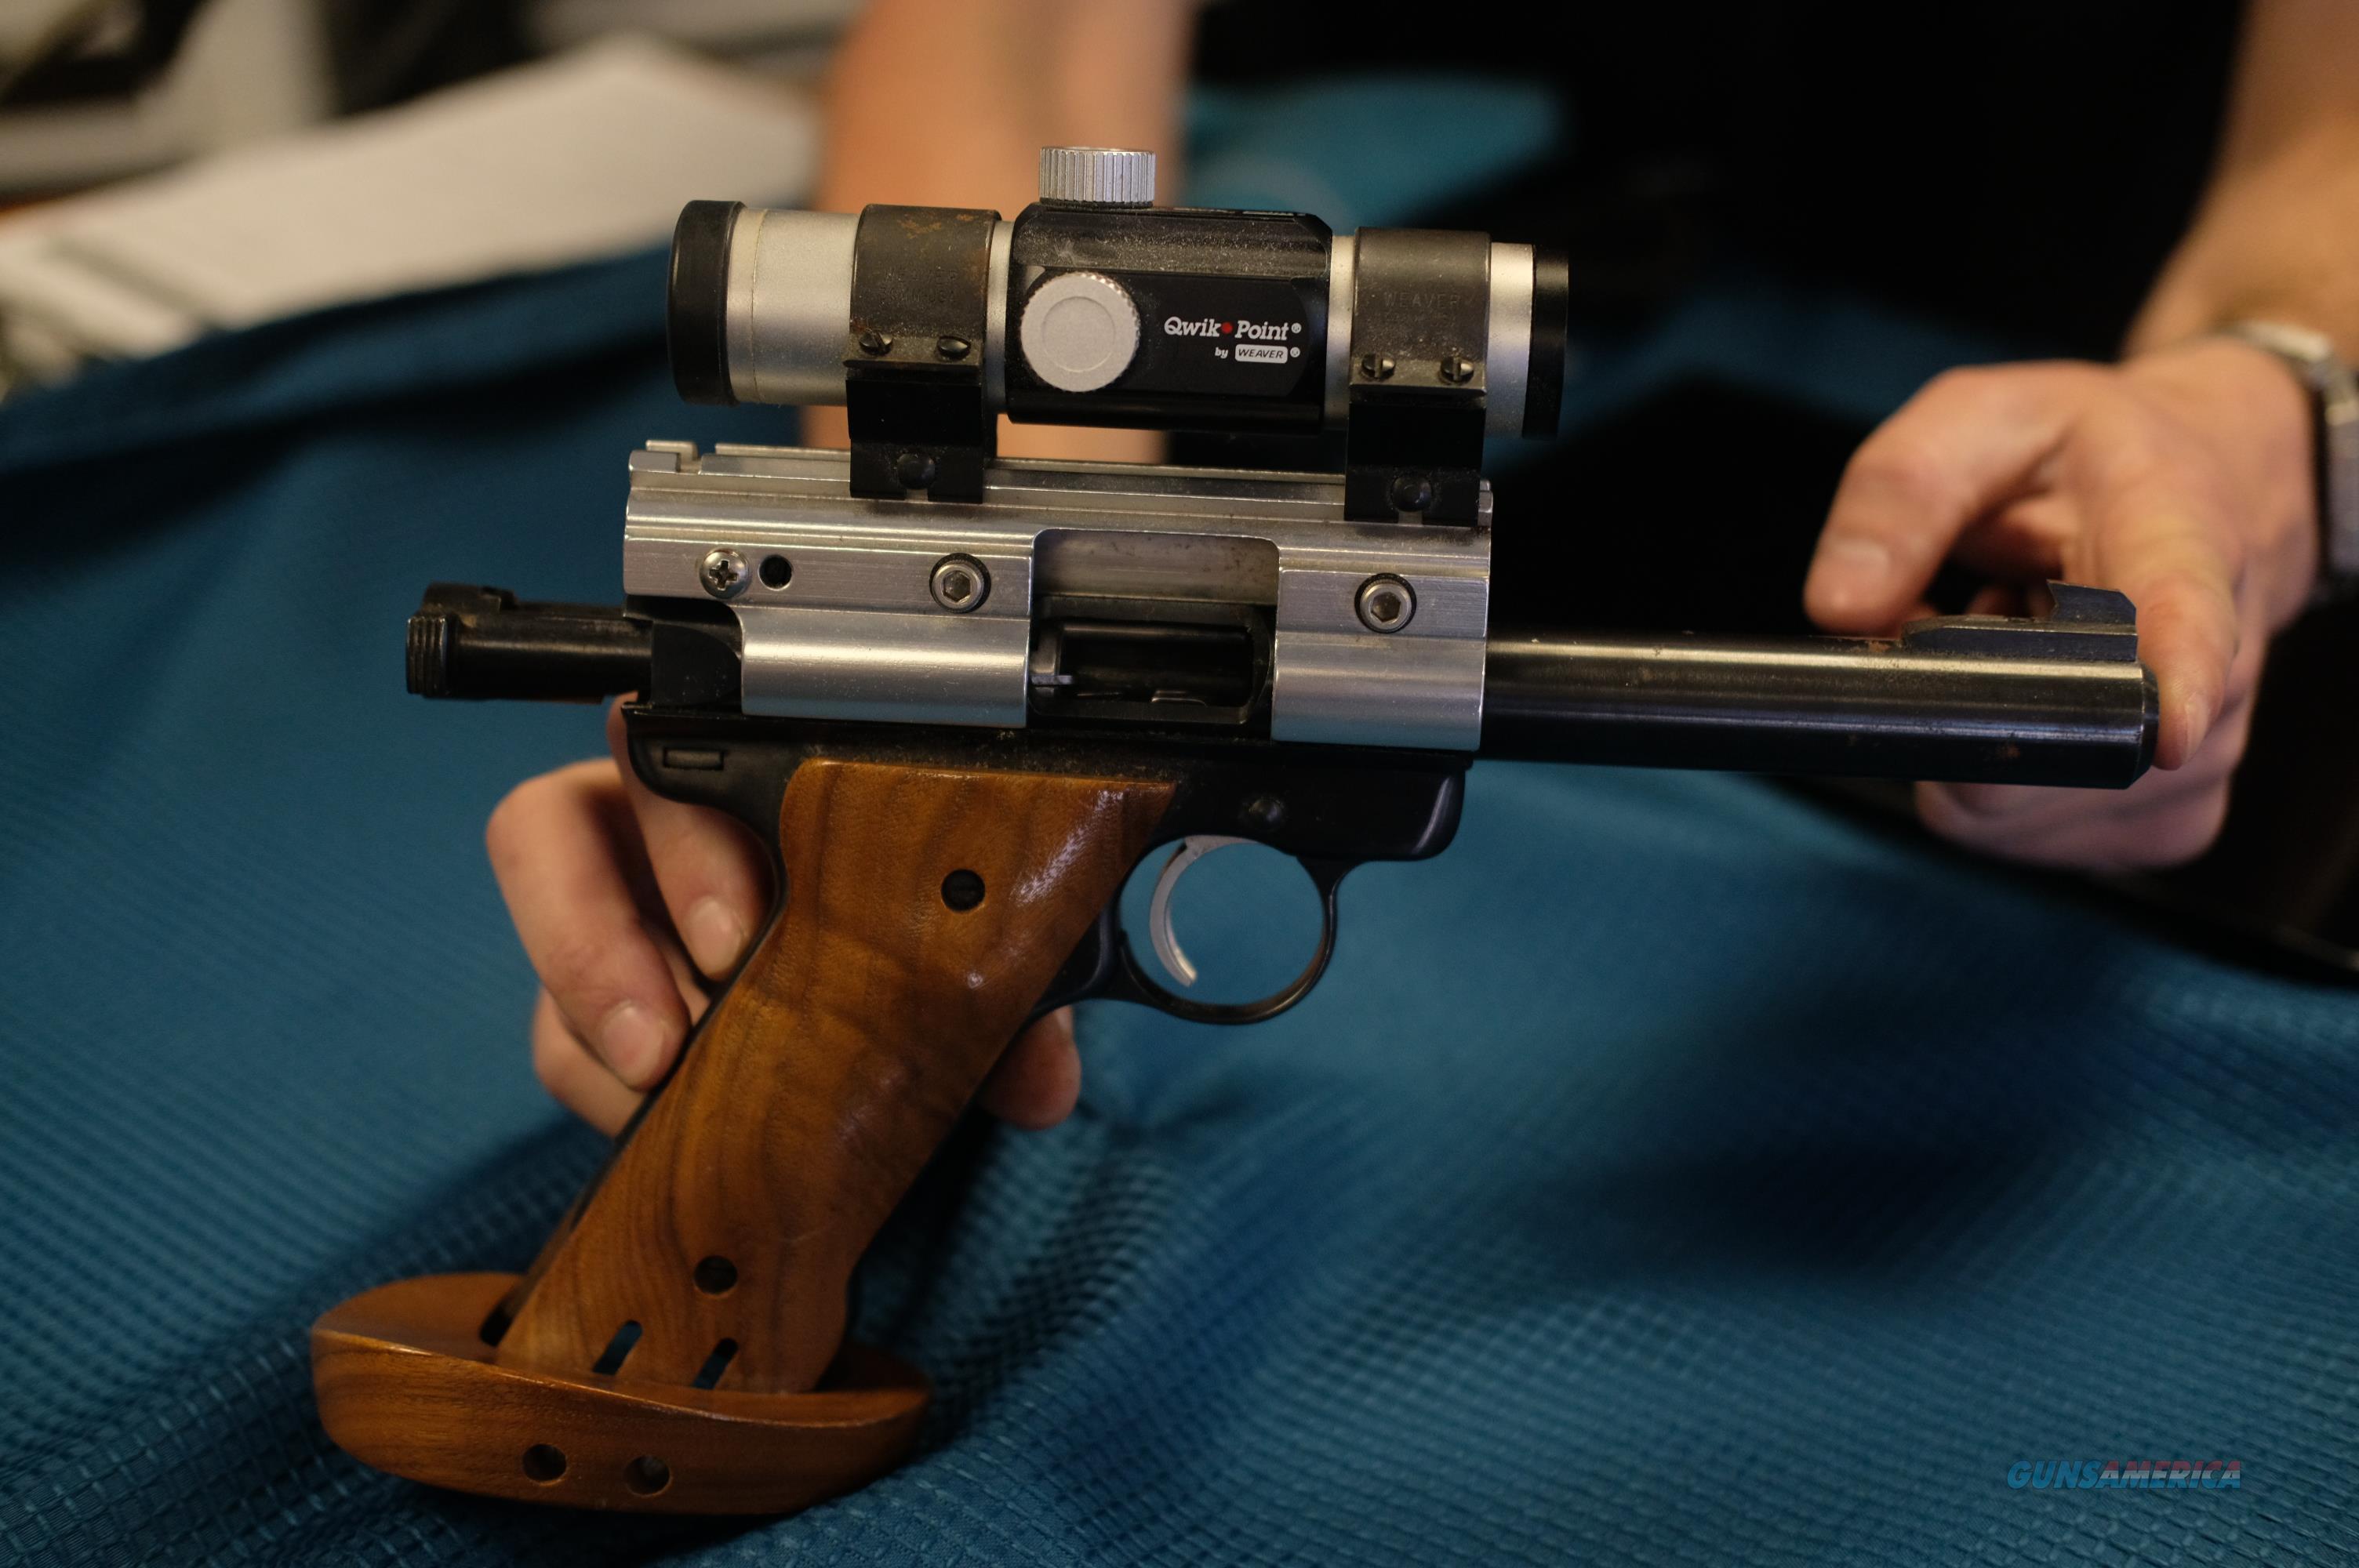 RUGER 22 BULL BARREL TARGET PISTOL  Guns > Pistols > Ruger Semi-Auto Pistols > 22/45